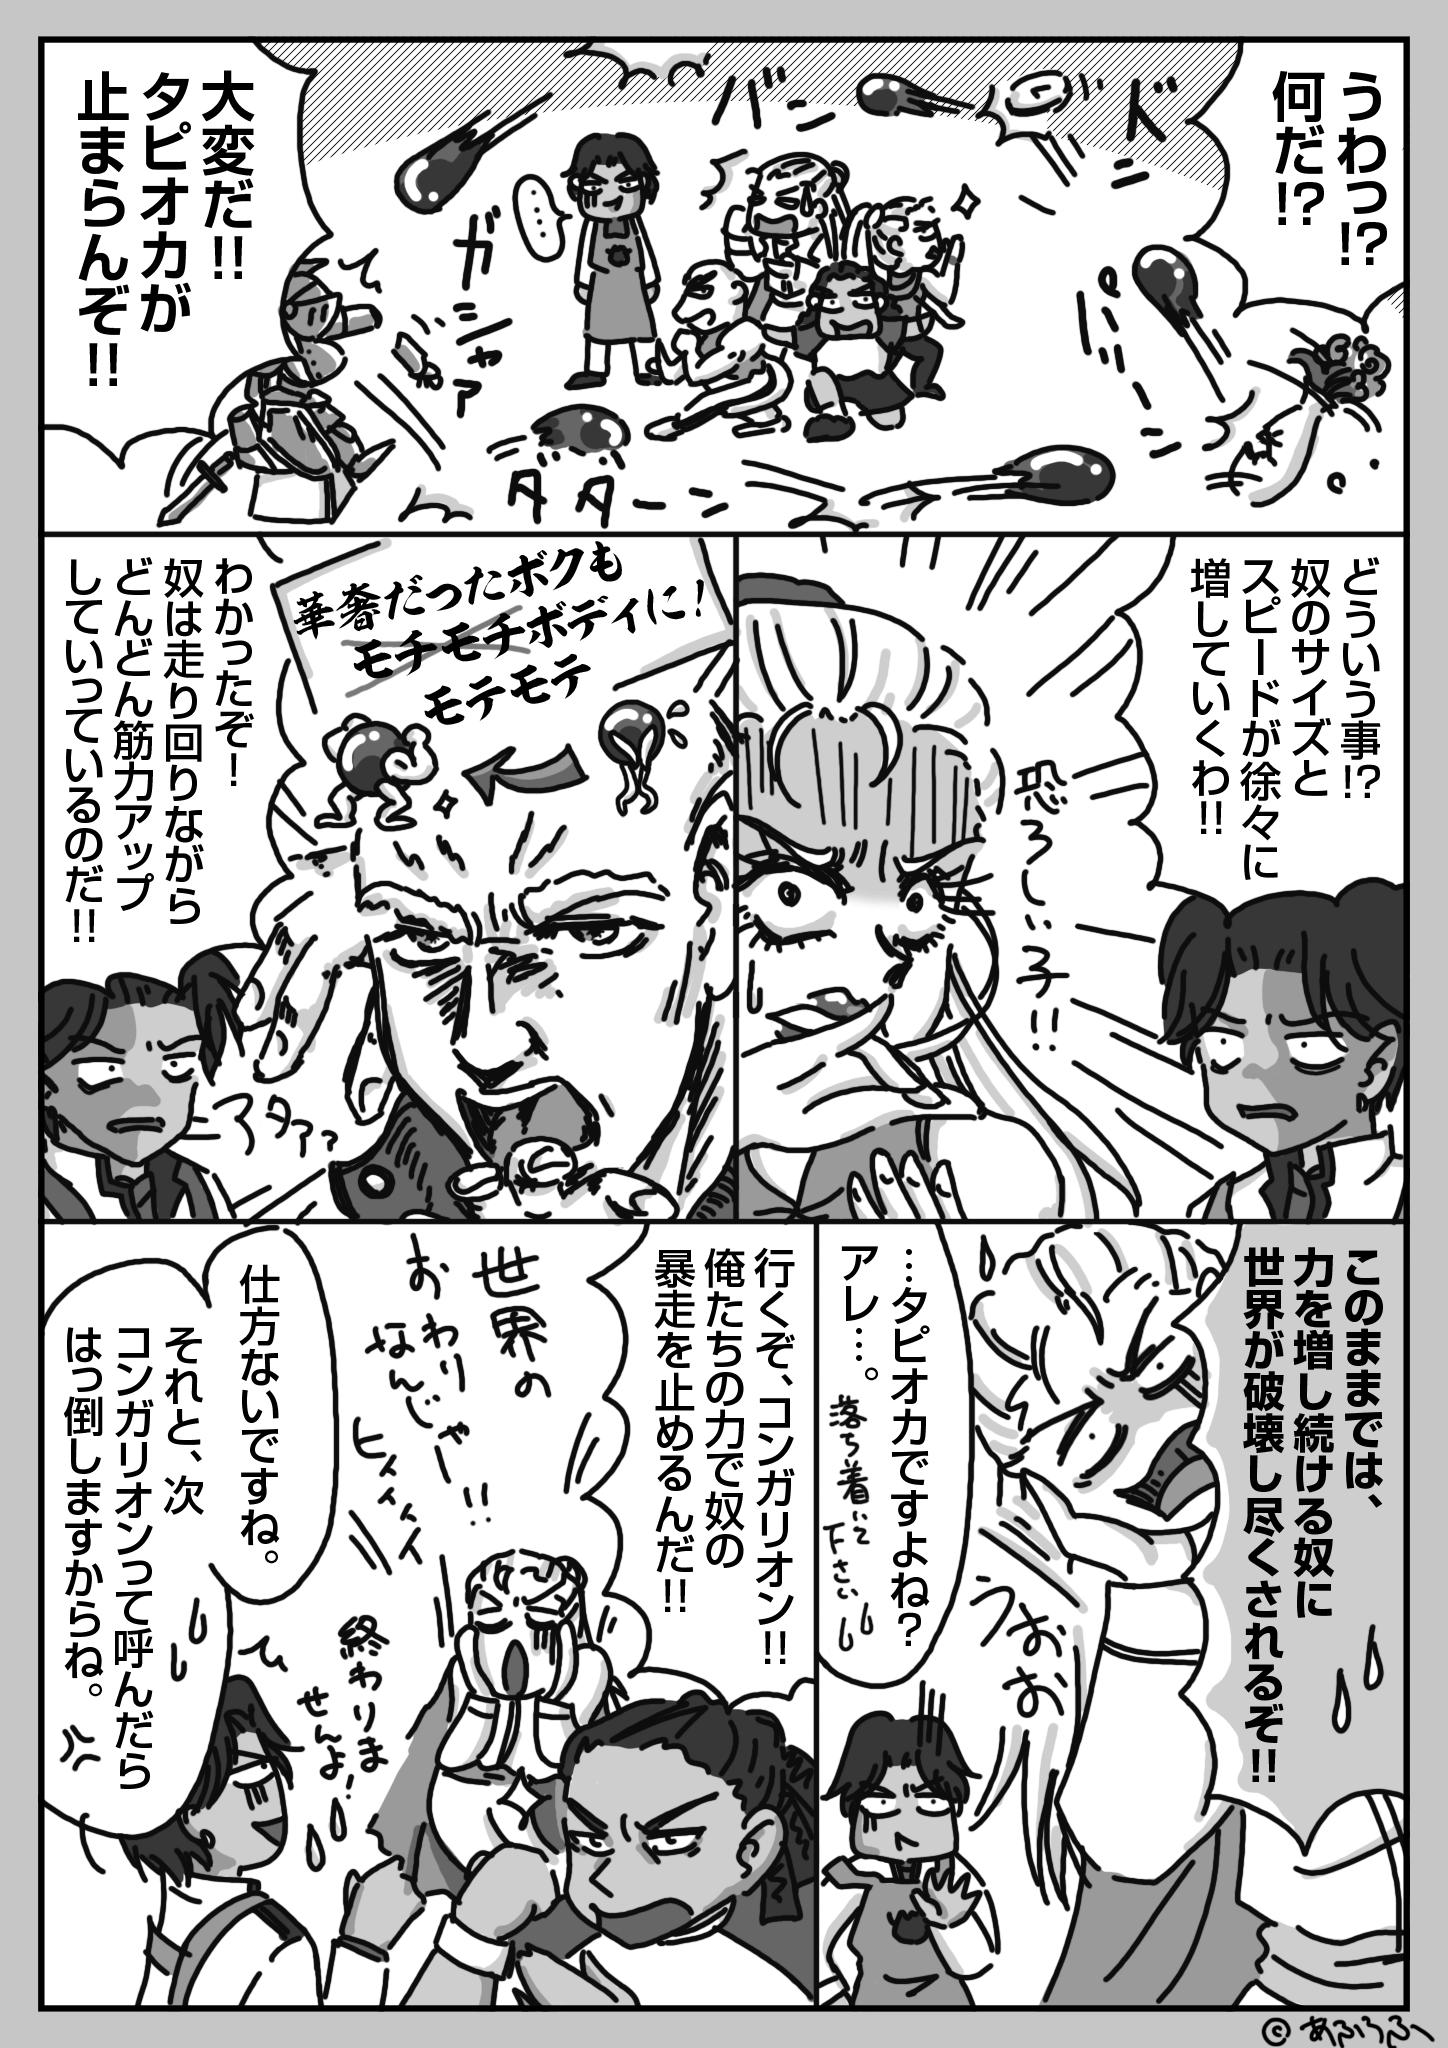 火の魔王とタピオカ入りプロテイン (10)